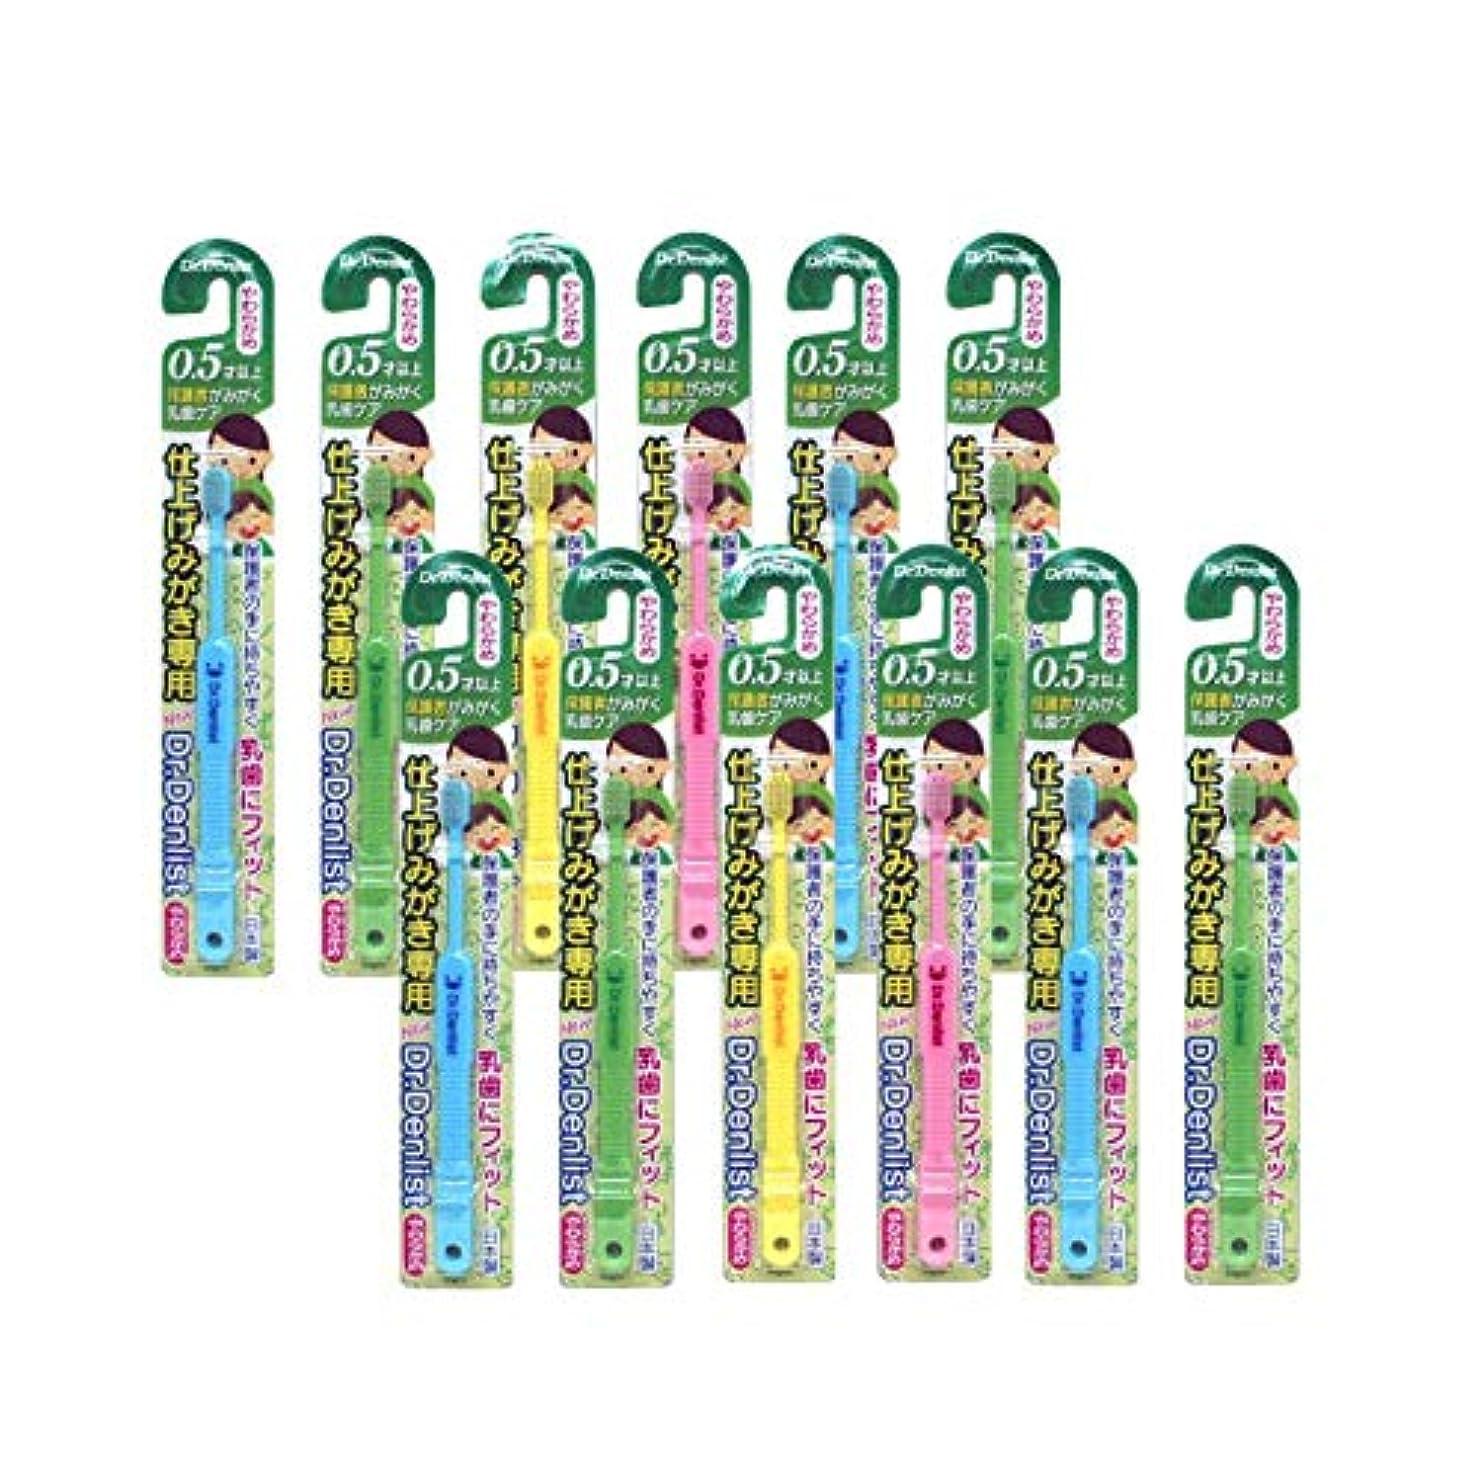 スキニーアーティファクトページ子供用歯ブラシ 仕上げ磨き用 乳歯 子ども用 0.5才以上 子ども用 Dr.デンリスト やわらかめ×12本セット